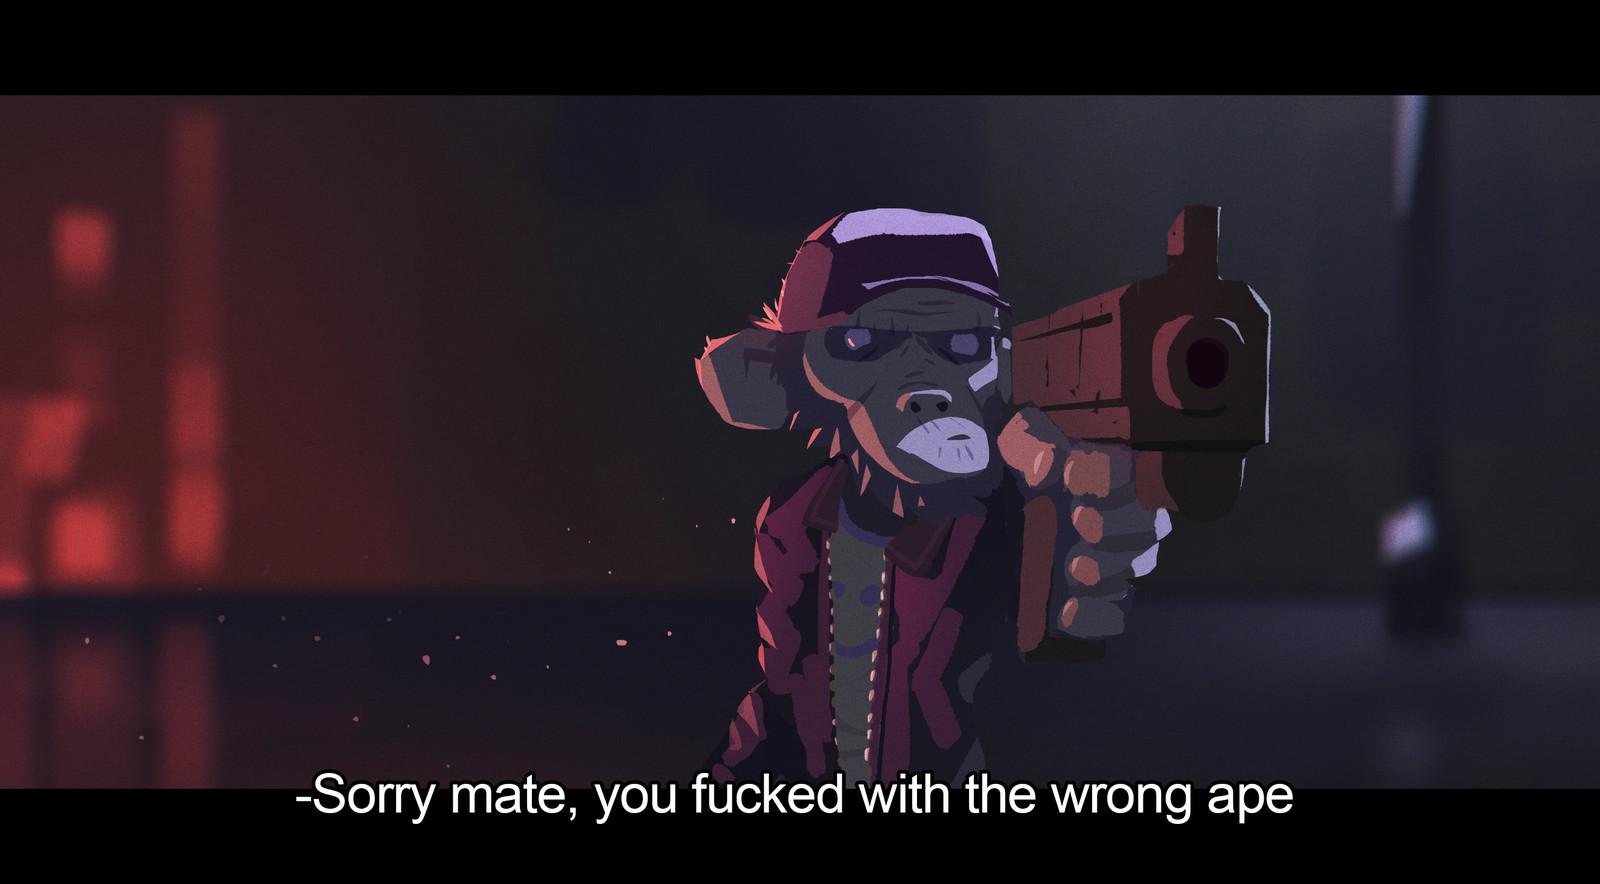 Wrong Ape